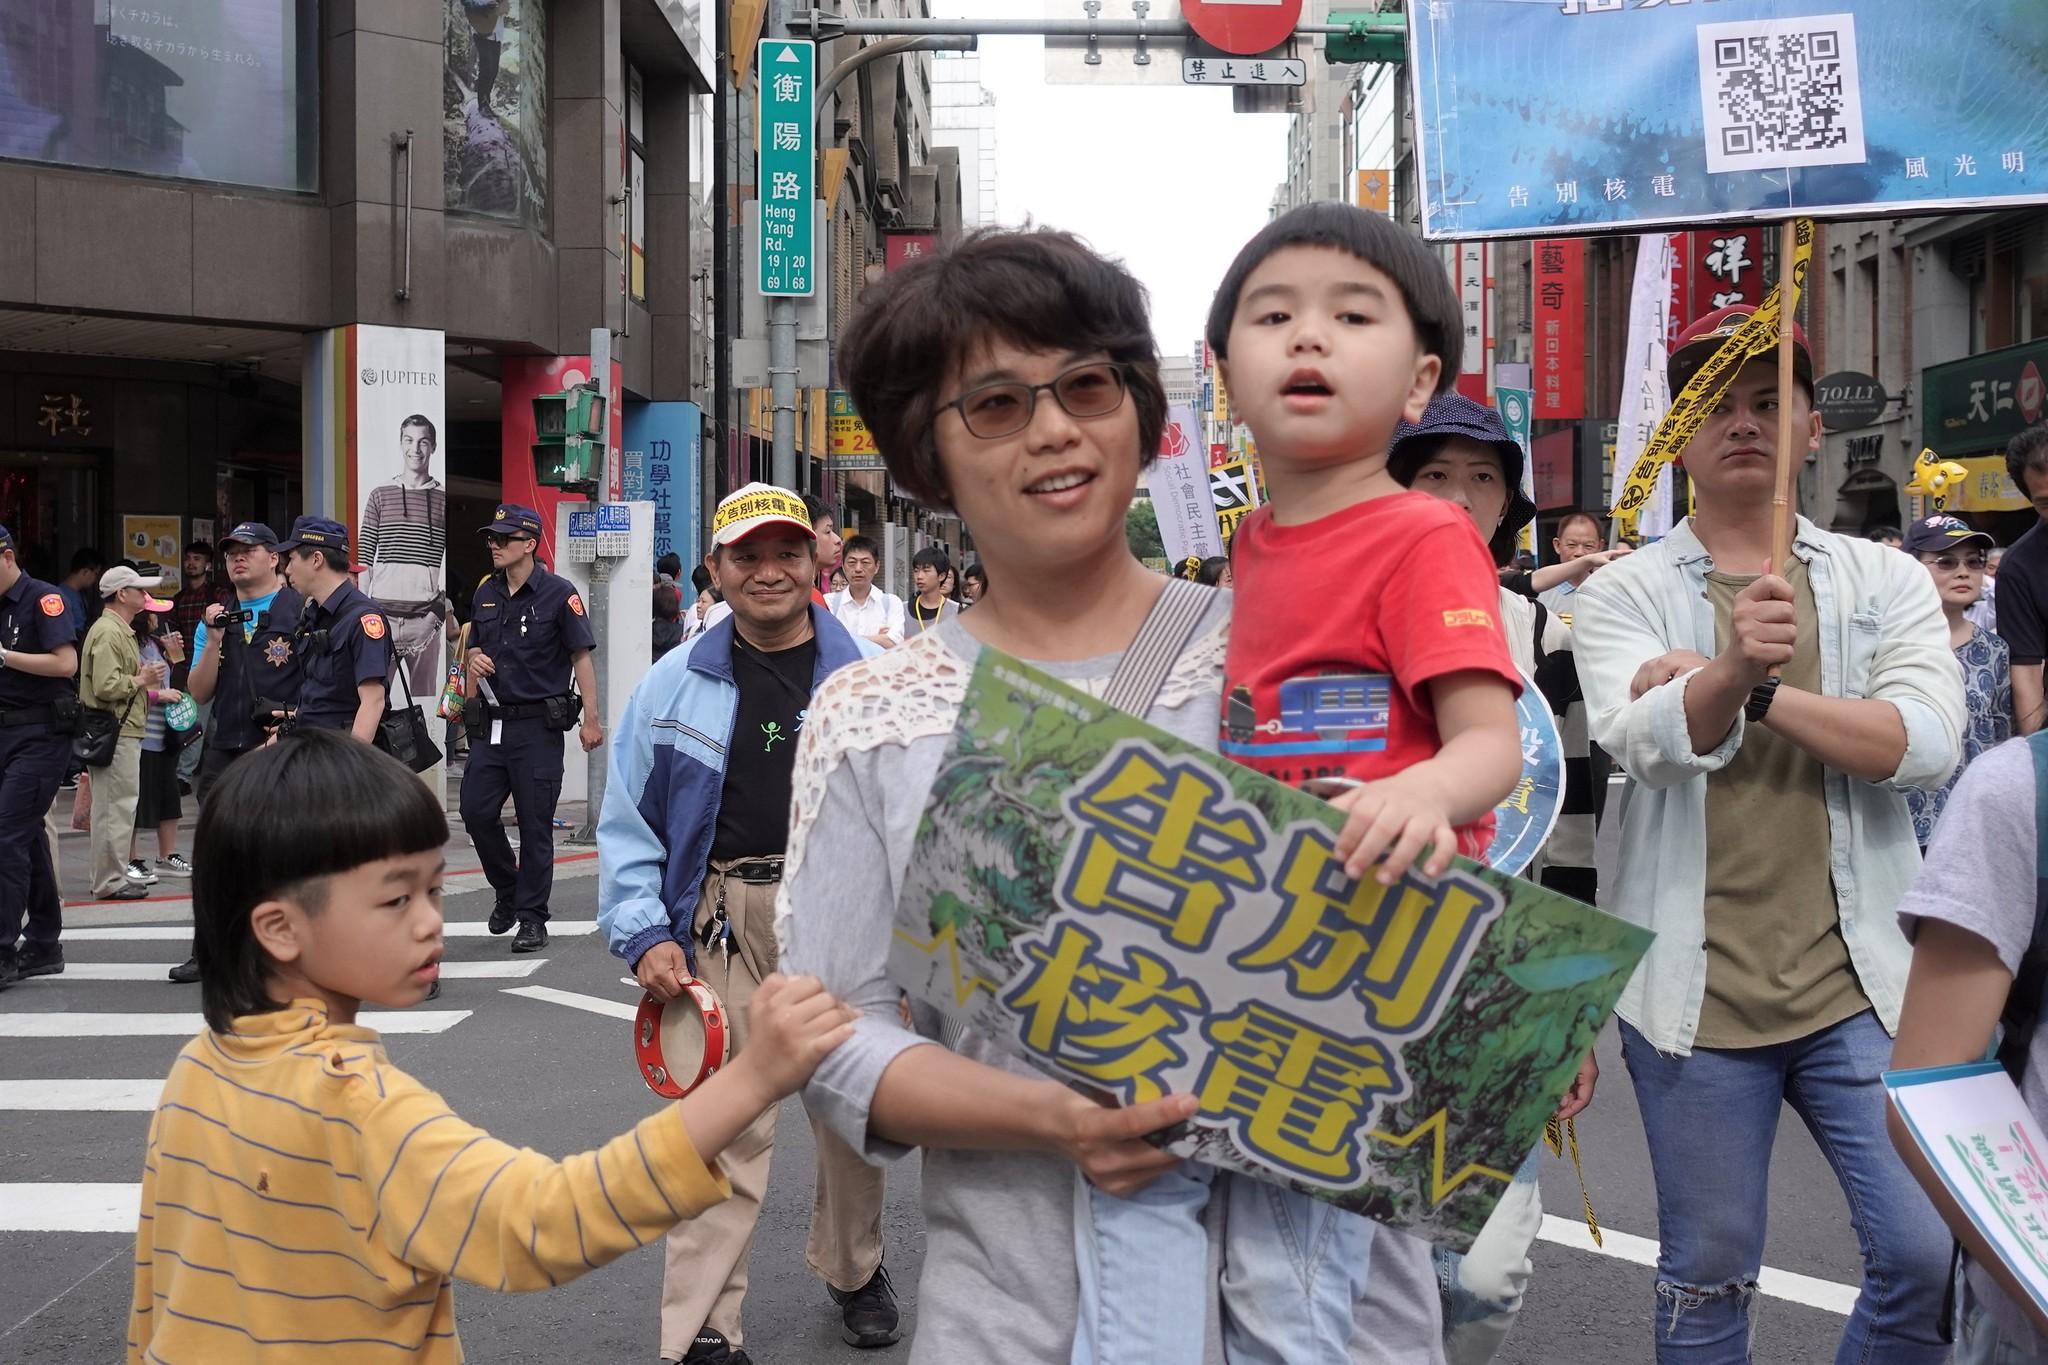 許多人帶著小孩參加遊行,強調核廢料不該留給下一代。(攝影:張智琦)